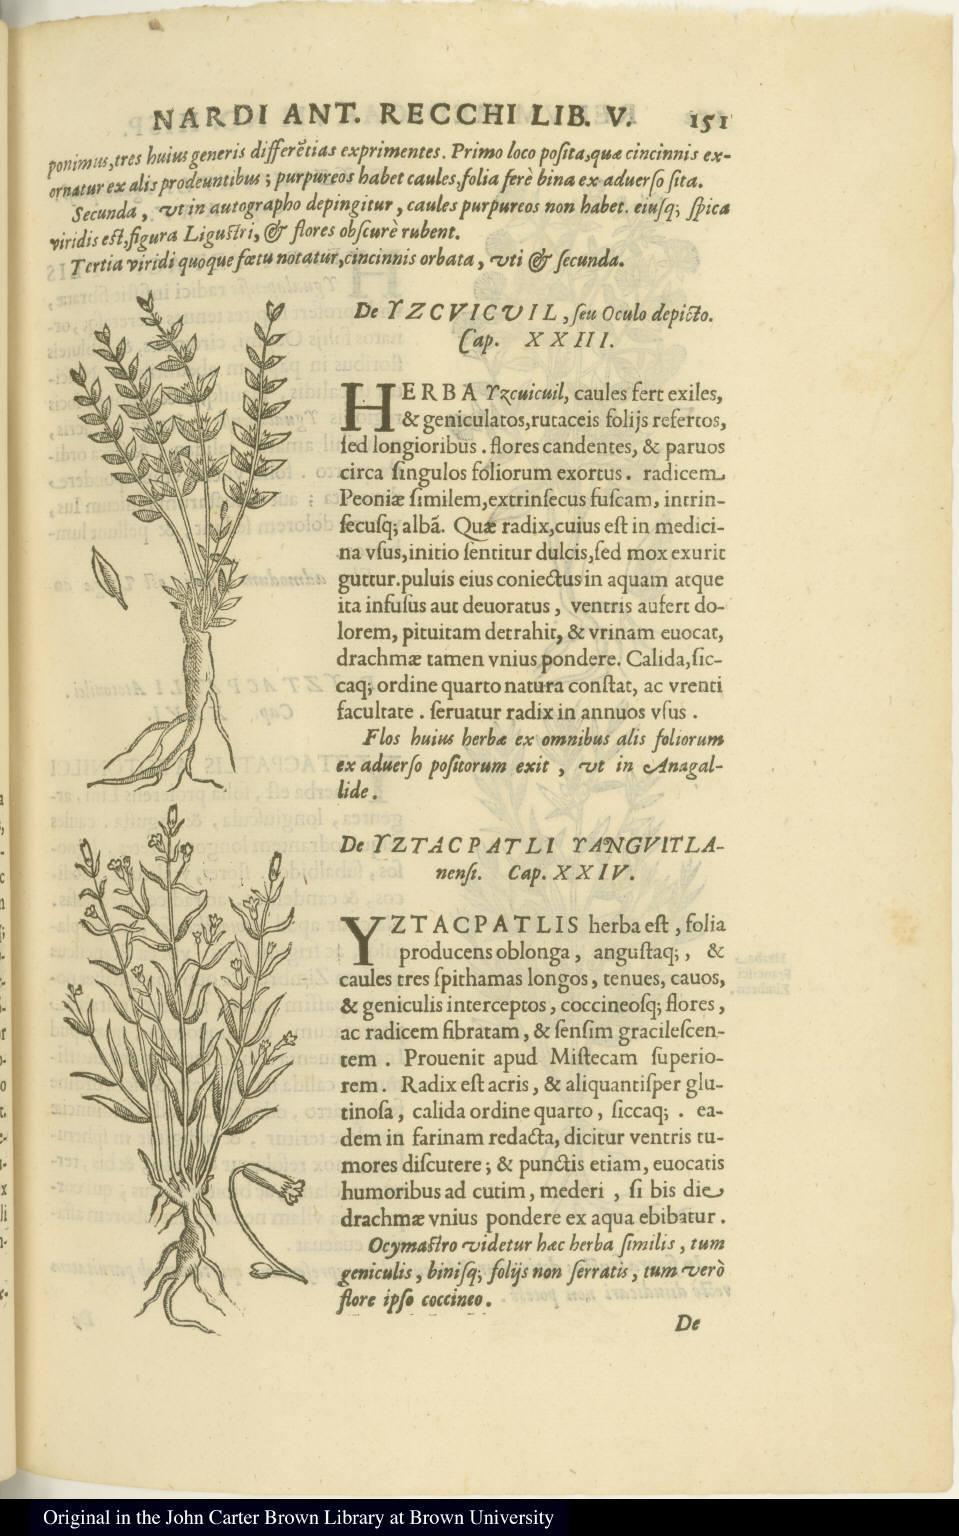 [top] [De Yzcuicuil, seu Oculo depicto.] [bottom] [De Yztacpatli Yanguitlanensi.]